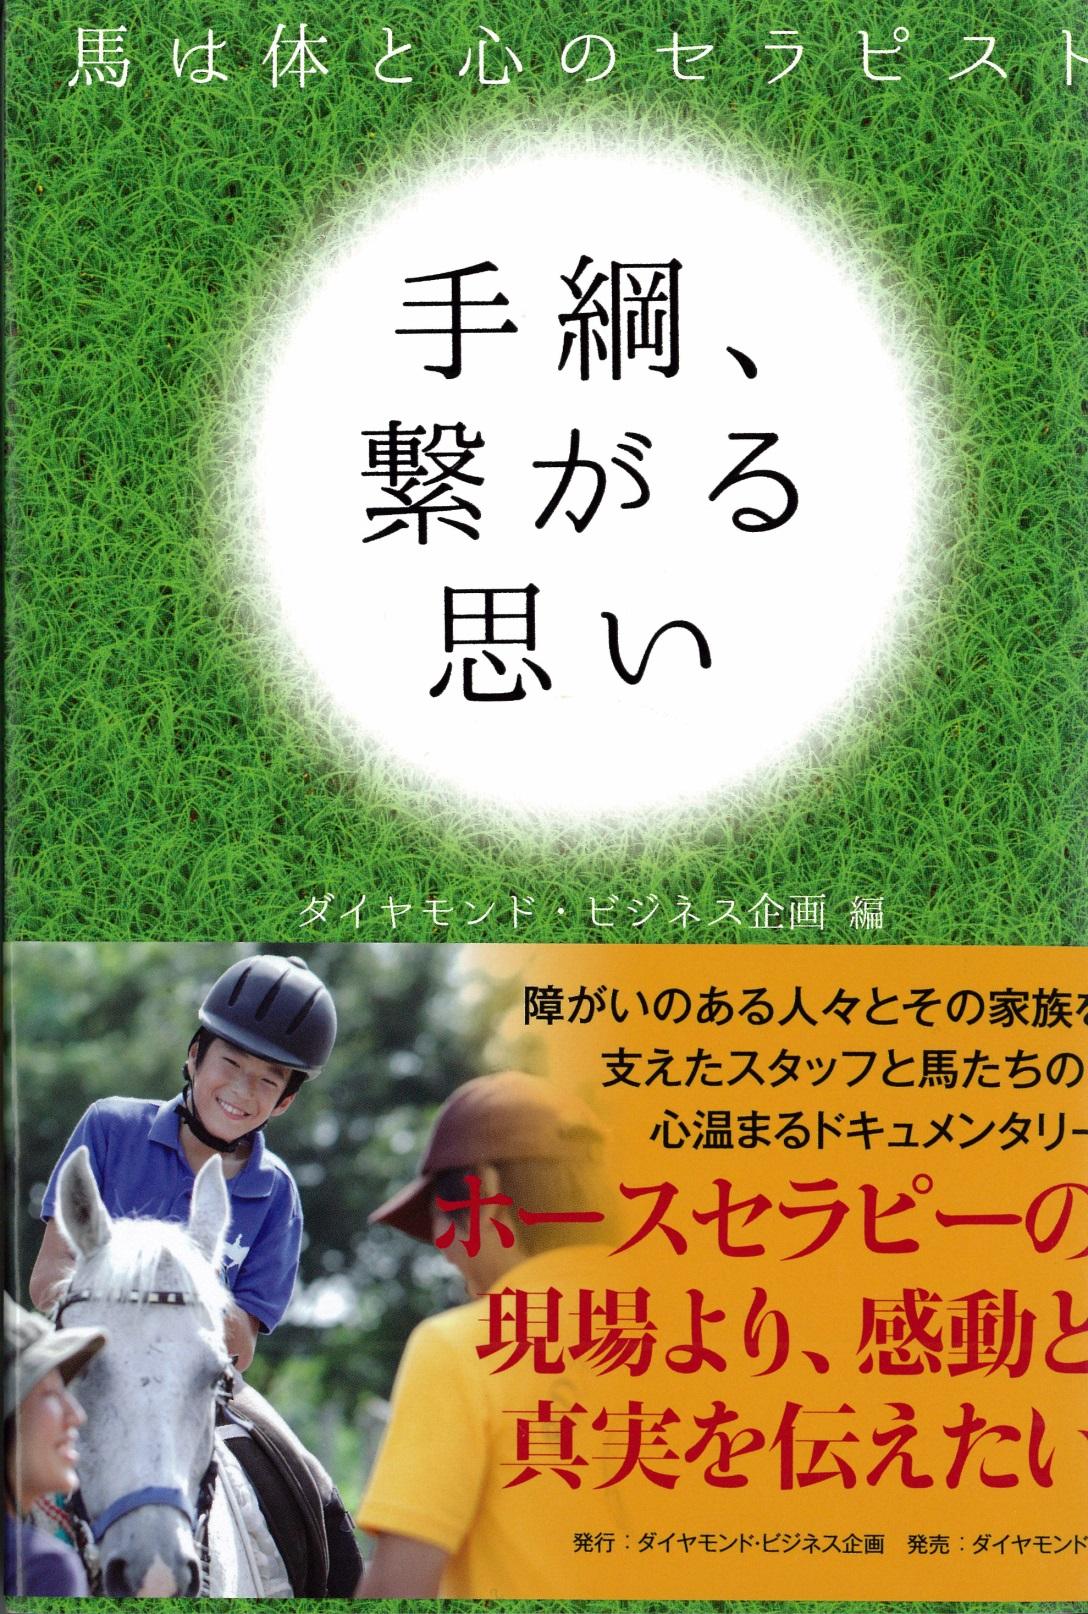 帝京科学大学 図書紹介~手綱、繋がる思い~ #00